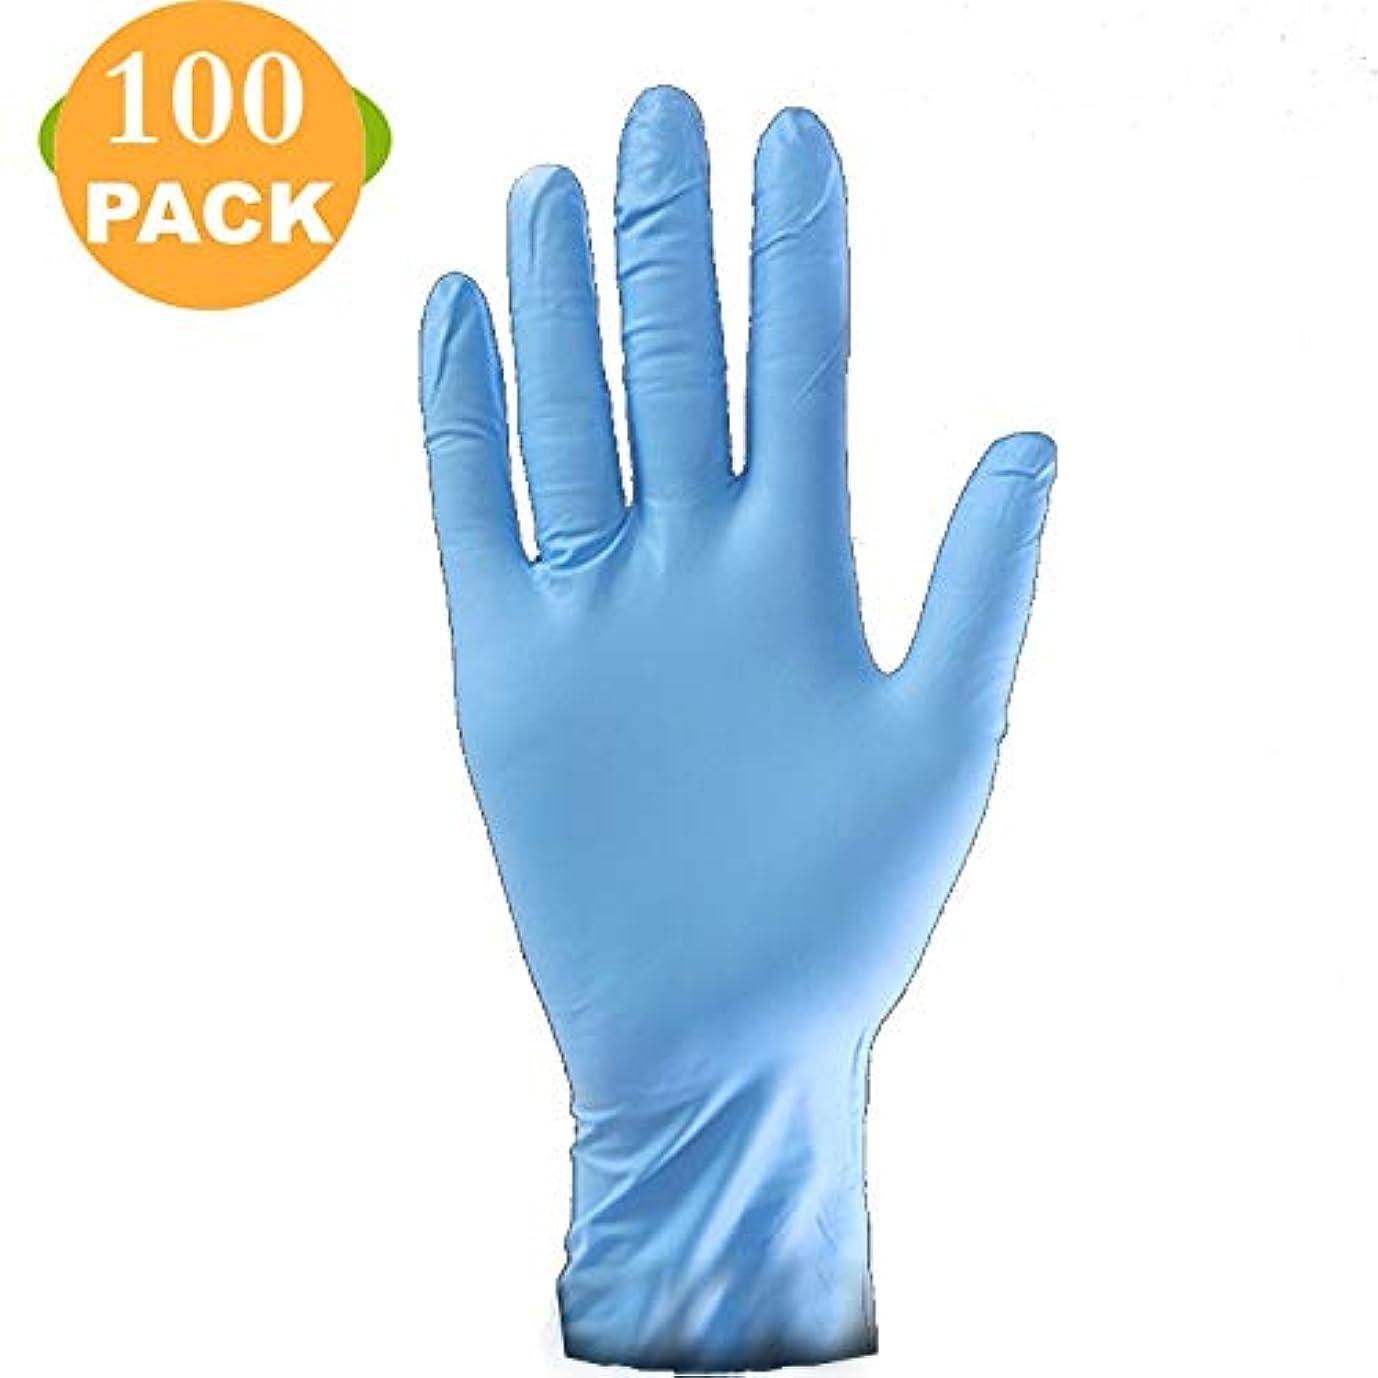 こねる到着ポップニトリル使い捨てパウダーフリー耐酸クリーン美容ネイルサロン油と酸耐性-100パーボックス (Color : Blue, Size : M)